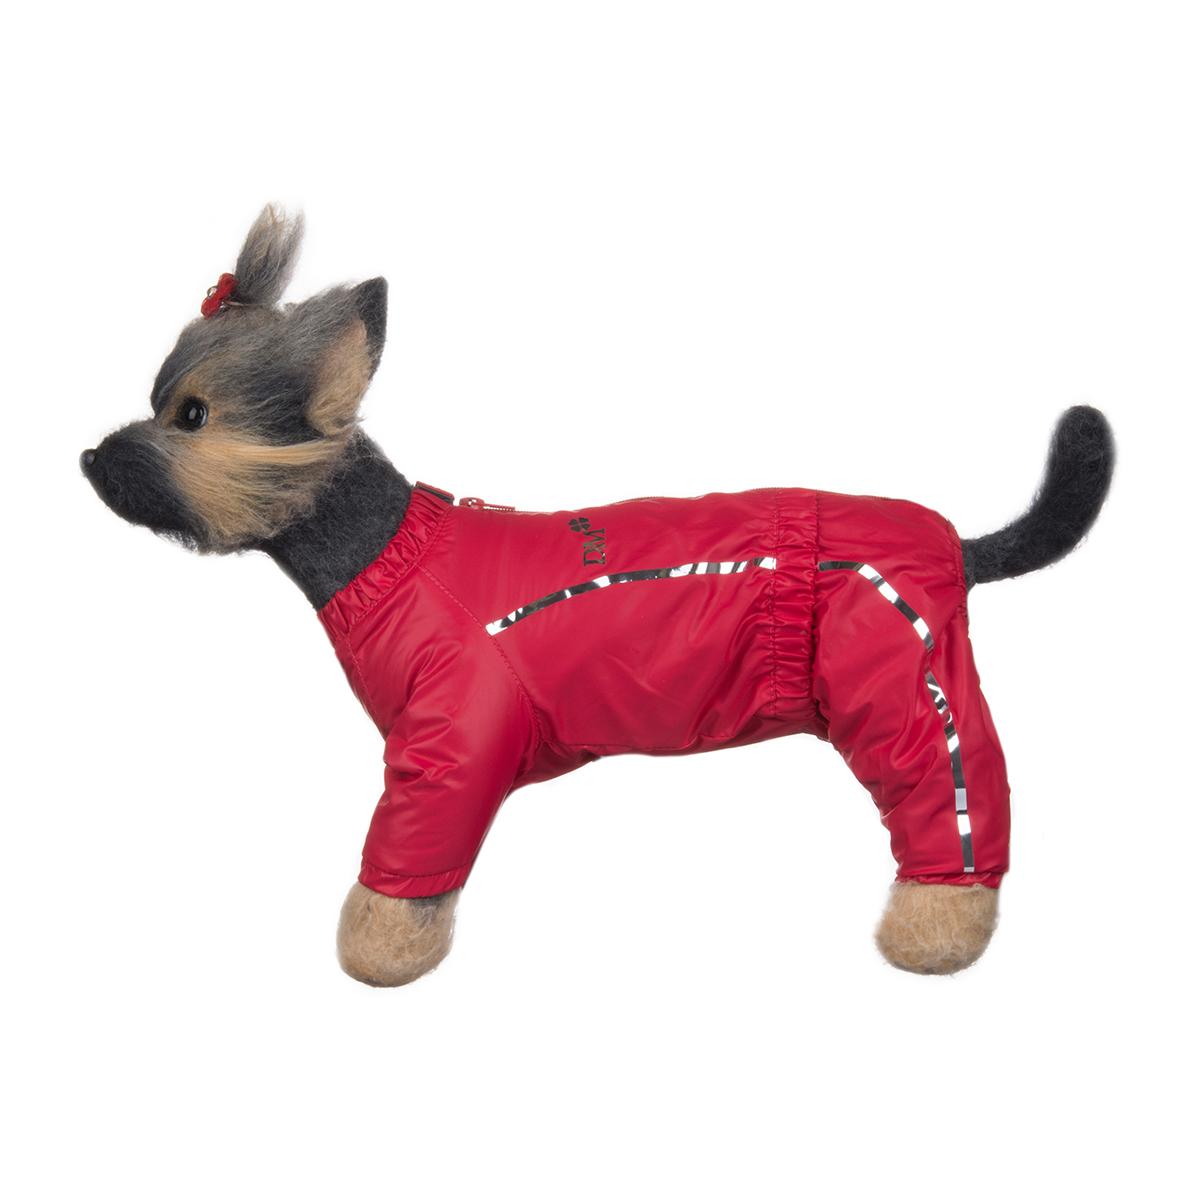 Комбинезон для собак Dogmoda Альпы, для девочки, цвет: фуксия. Размер 4 (XL)0120710Комбинезон для собак Dogmoda Альпы отлично подойдет для прогулок поздней осенью или ранней весной.Комбинезон изготовлен из полиэстера, защищающего от ветра и осадков, с подкладкой из флиса, которая сохранит тепло и обеспечит отличный воздухообмен. Комбинезон застегивается на молнию и липучку, благодаря чему его легко надевать и снимать. Ворот, низ рукавов и брючин оснащены внутренними резинками, которые мягко обхватывают шею и лапки, не позволяя просачиваться холодному воздуху. На пояснице имеется внутренняя резинка. Изделие декорировано серебристыми полосками и надписью DM.Благодаря такому комбинезону простуда не грозит вашему питомцу и он не даст любимцу продрогнуть на прогулке.